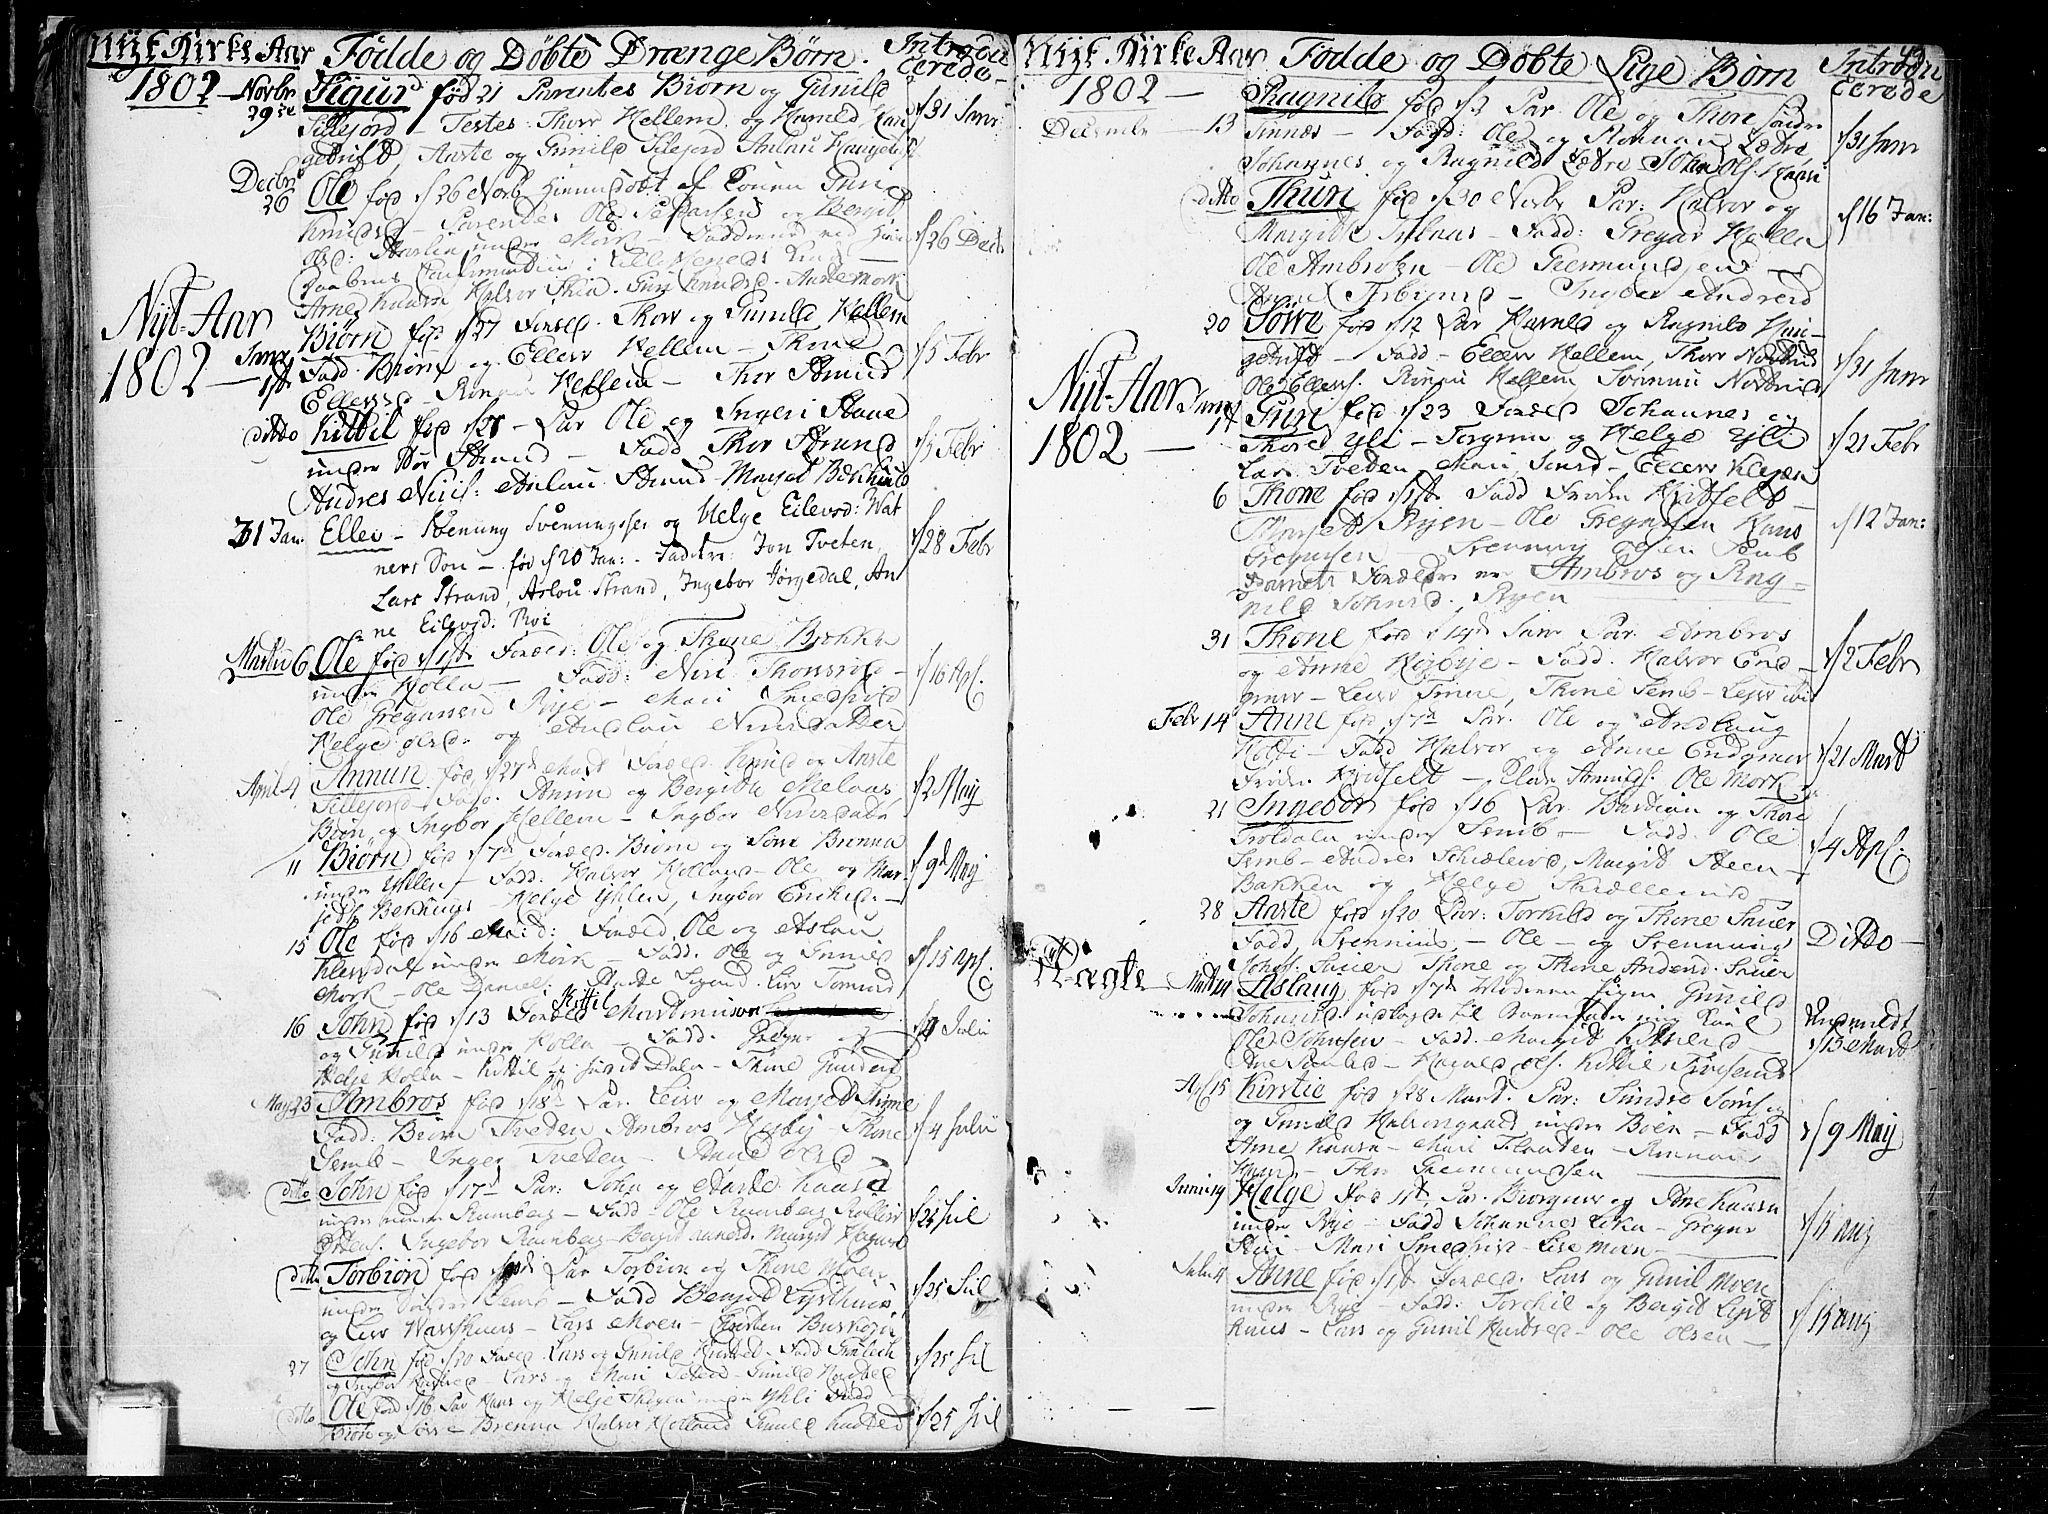 SAKO, Heddal kirkebøker, F/Fa/L0004: Ministerialbok nr. I 4, 1784-1814, s. 49